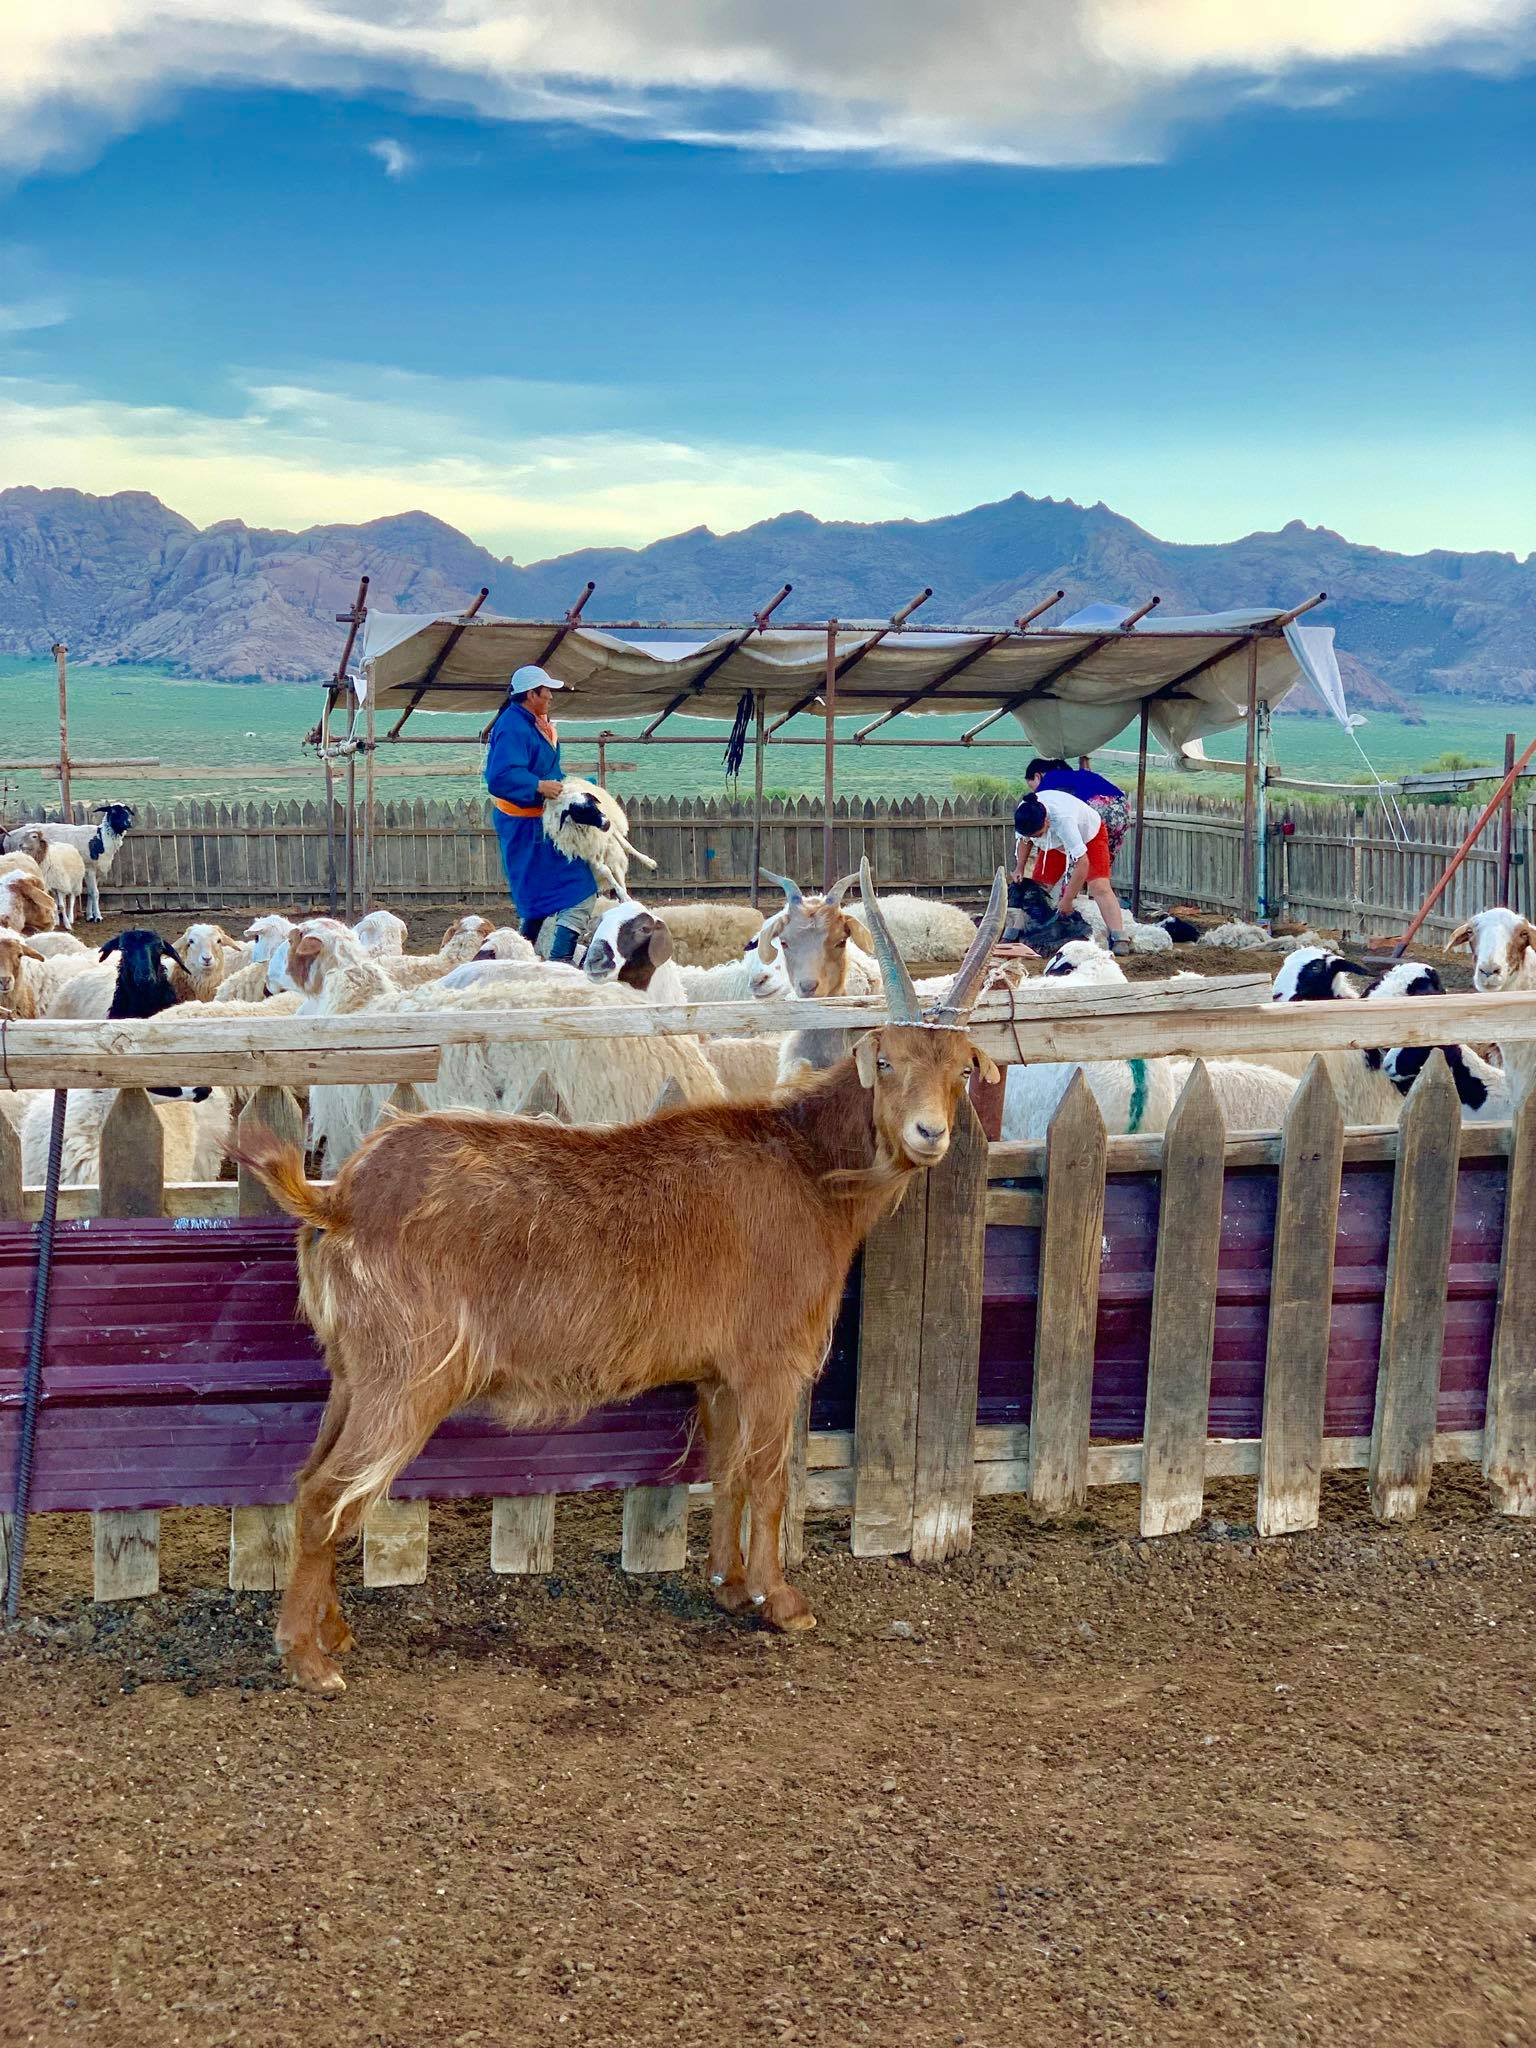 Kach Solo Travels in 2019 Nomadic family in Elsen Tasarkhai24.jpg